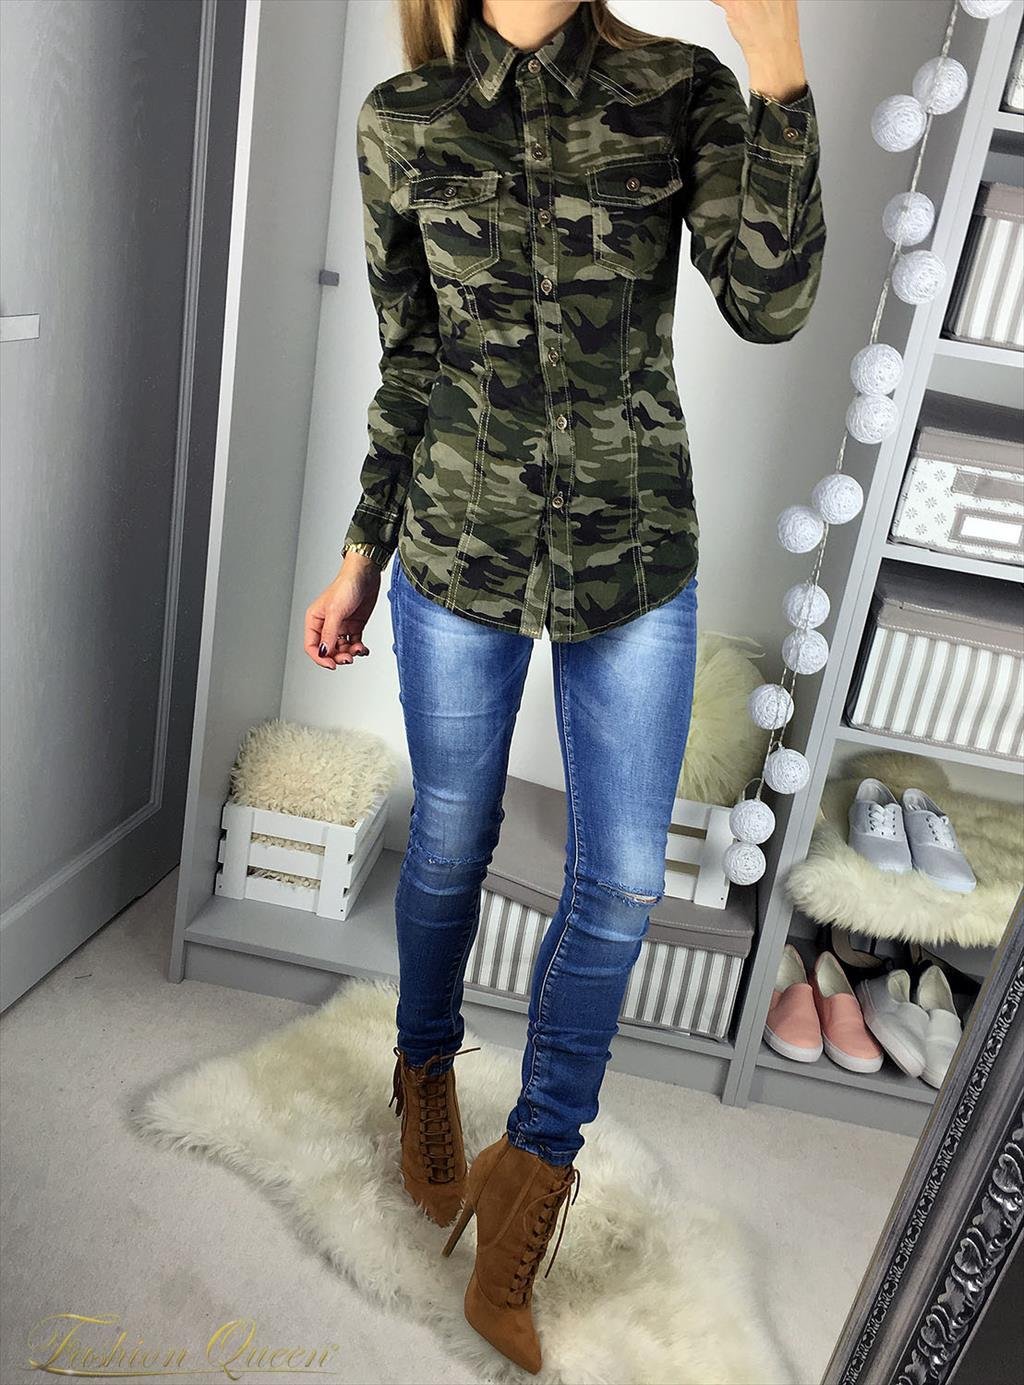 f3d34f354648 Fashion Queen - Dámske oblečenie a móda - Army košeľa